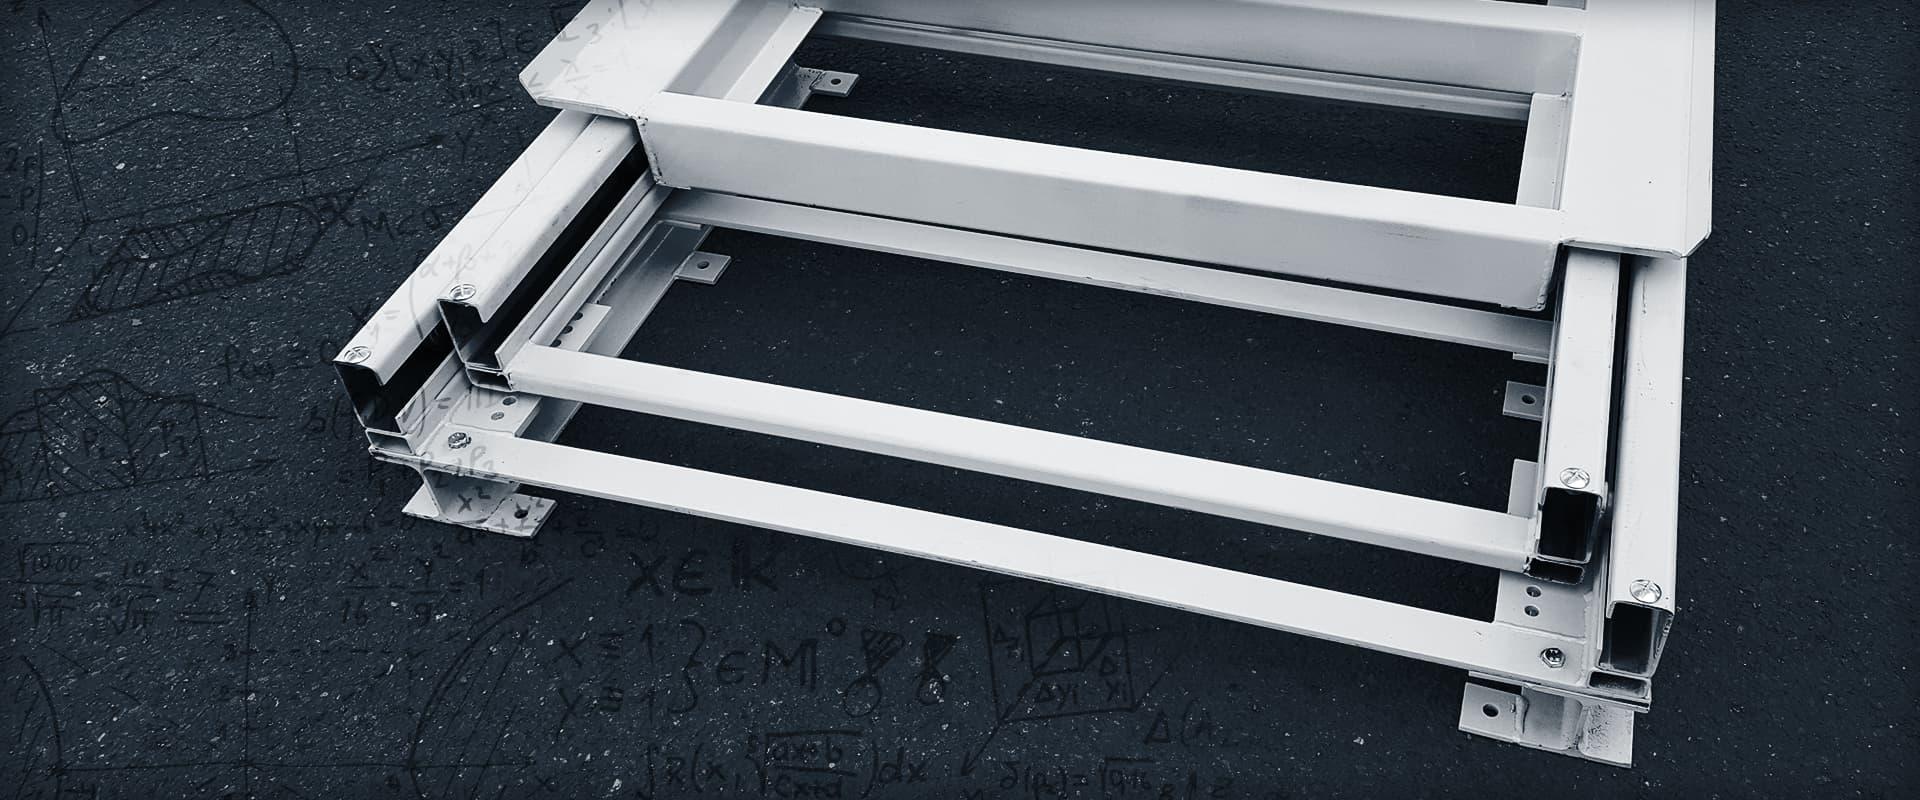 Le tiroir à palette SODEFI est un outil ergonomique pour l'optimisation du stockage de palettes. Il facilite également l'accès au contenu de la palette pour les opérateurs, notamment pour les opérations de picking. Produit robuste et haute résistance, Made in France